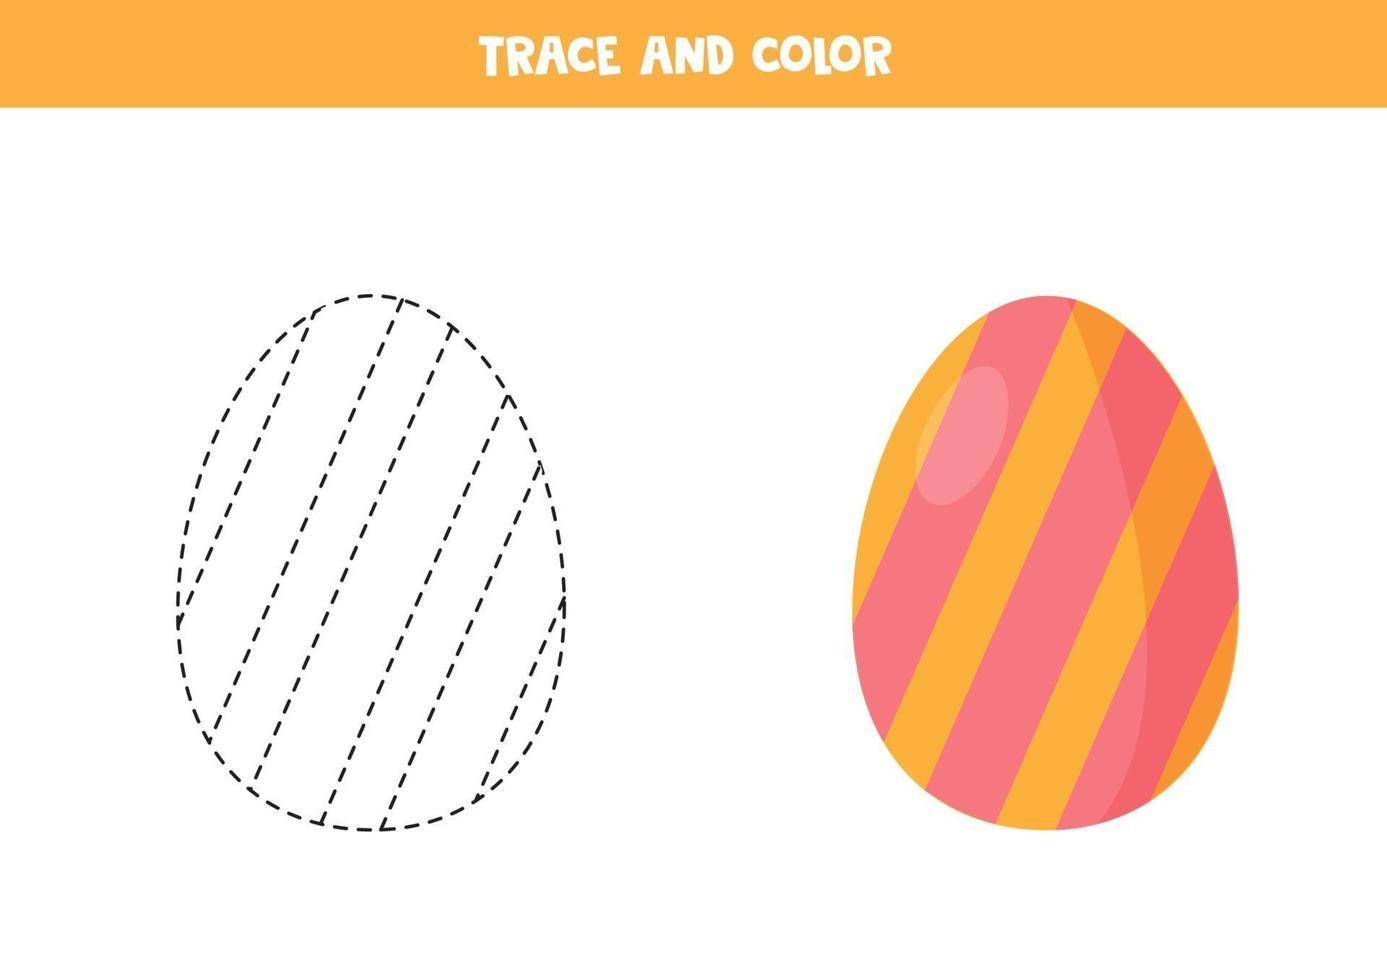 trace et couleur oeuf de Pâques de dessin animé. feuille de calcul drôle pour Pâques. vecteur